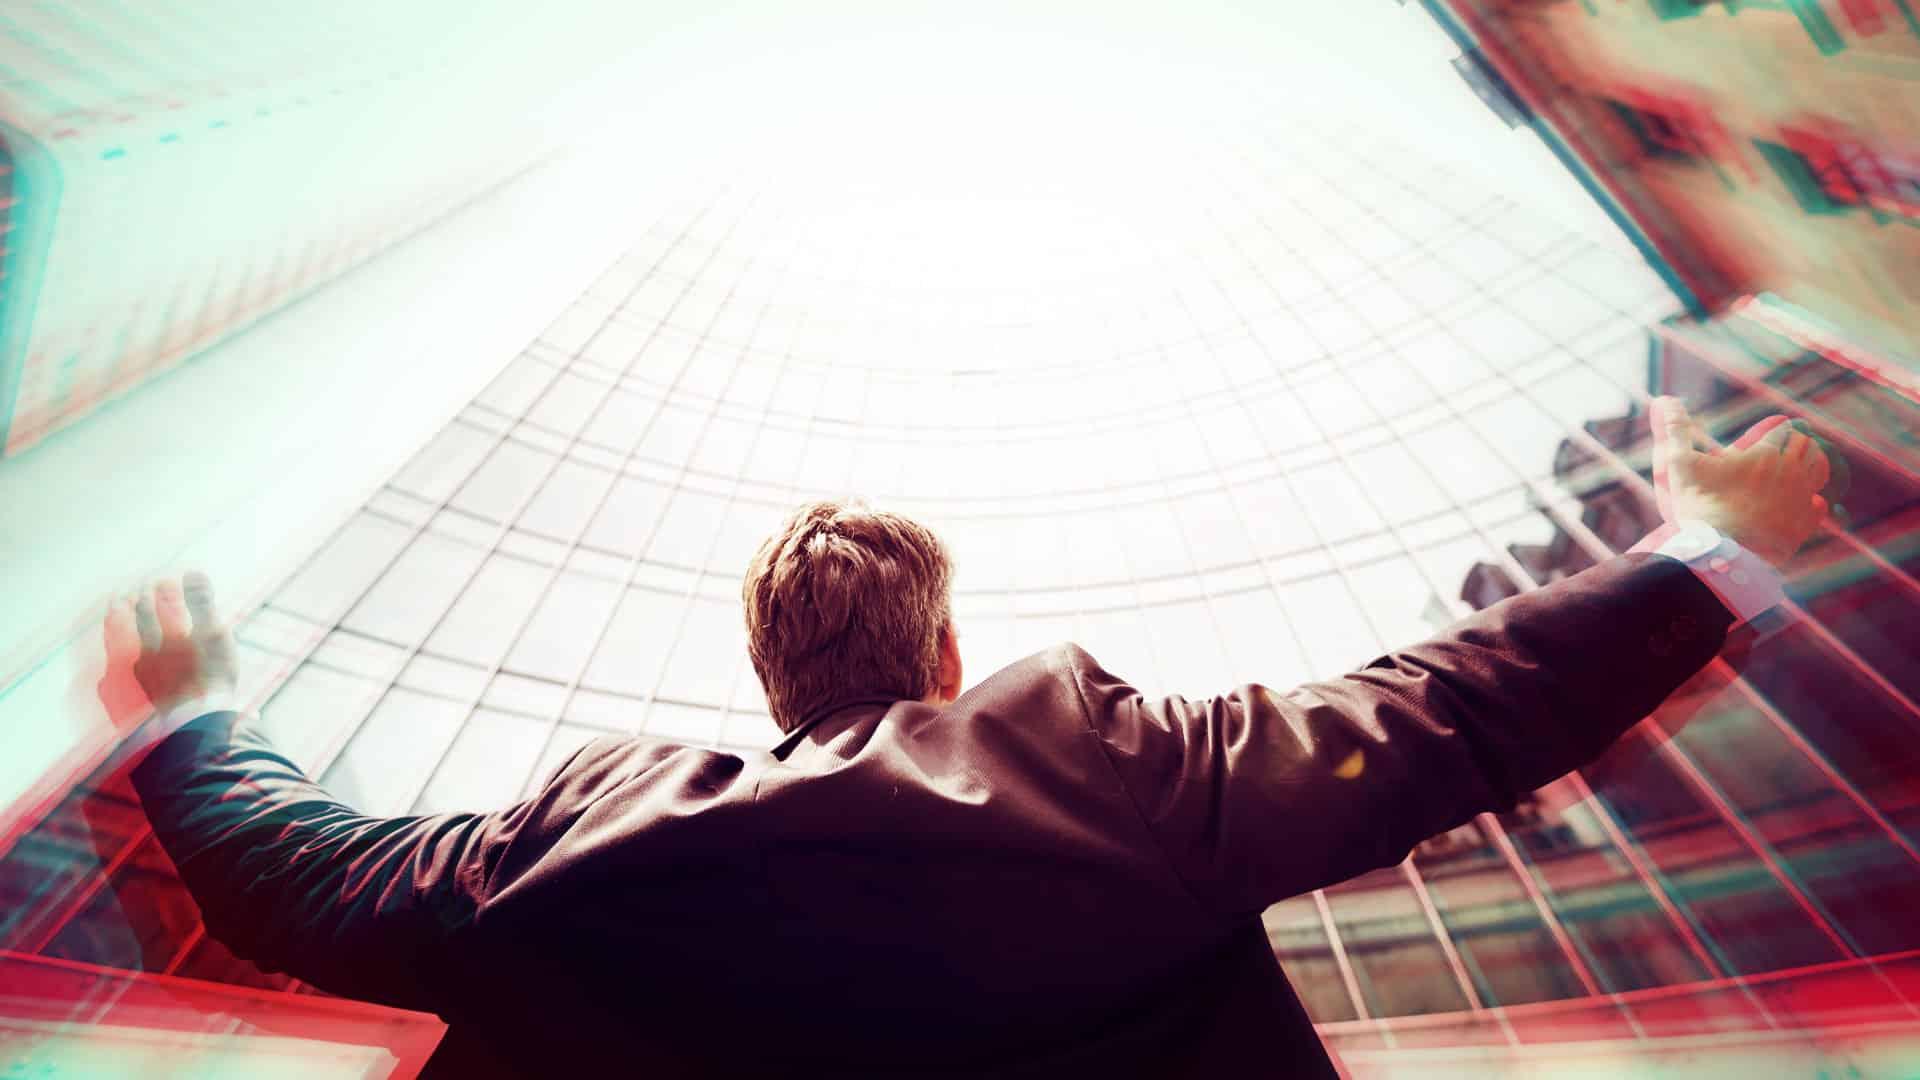 homme qui léve les bras vers le ciel regardant les buldings